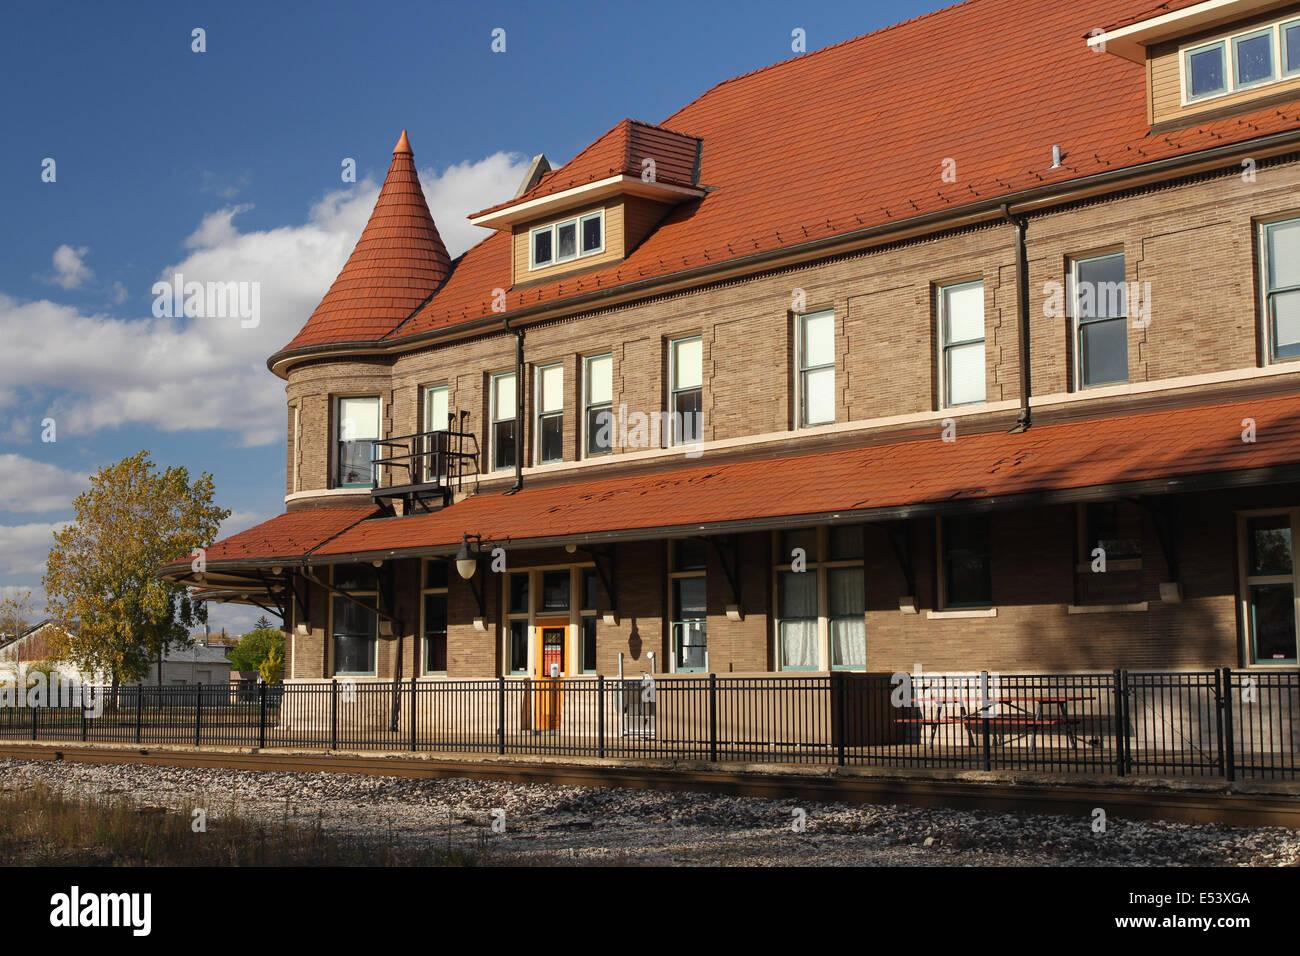 Durand Union Station. Michigan State Railroad History Museum. Historic railroad station at Durand, Michigan, USA. - Stock Image